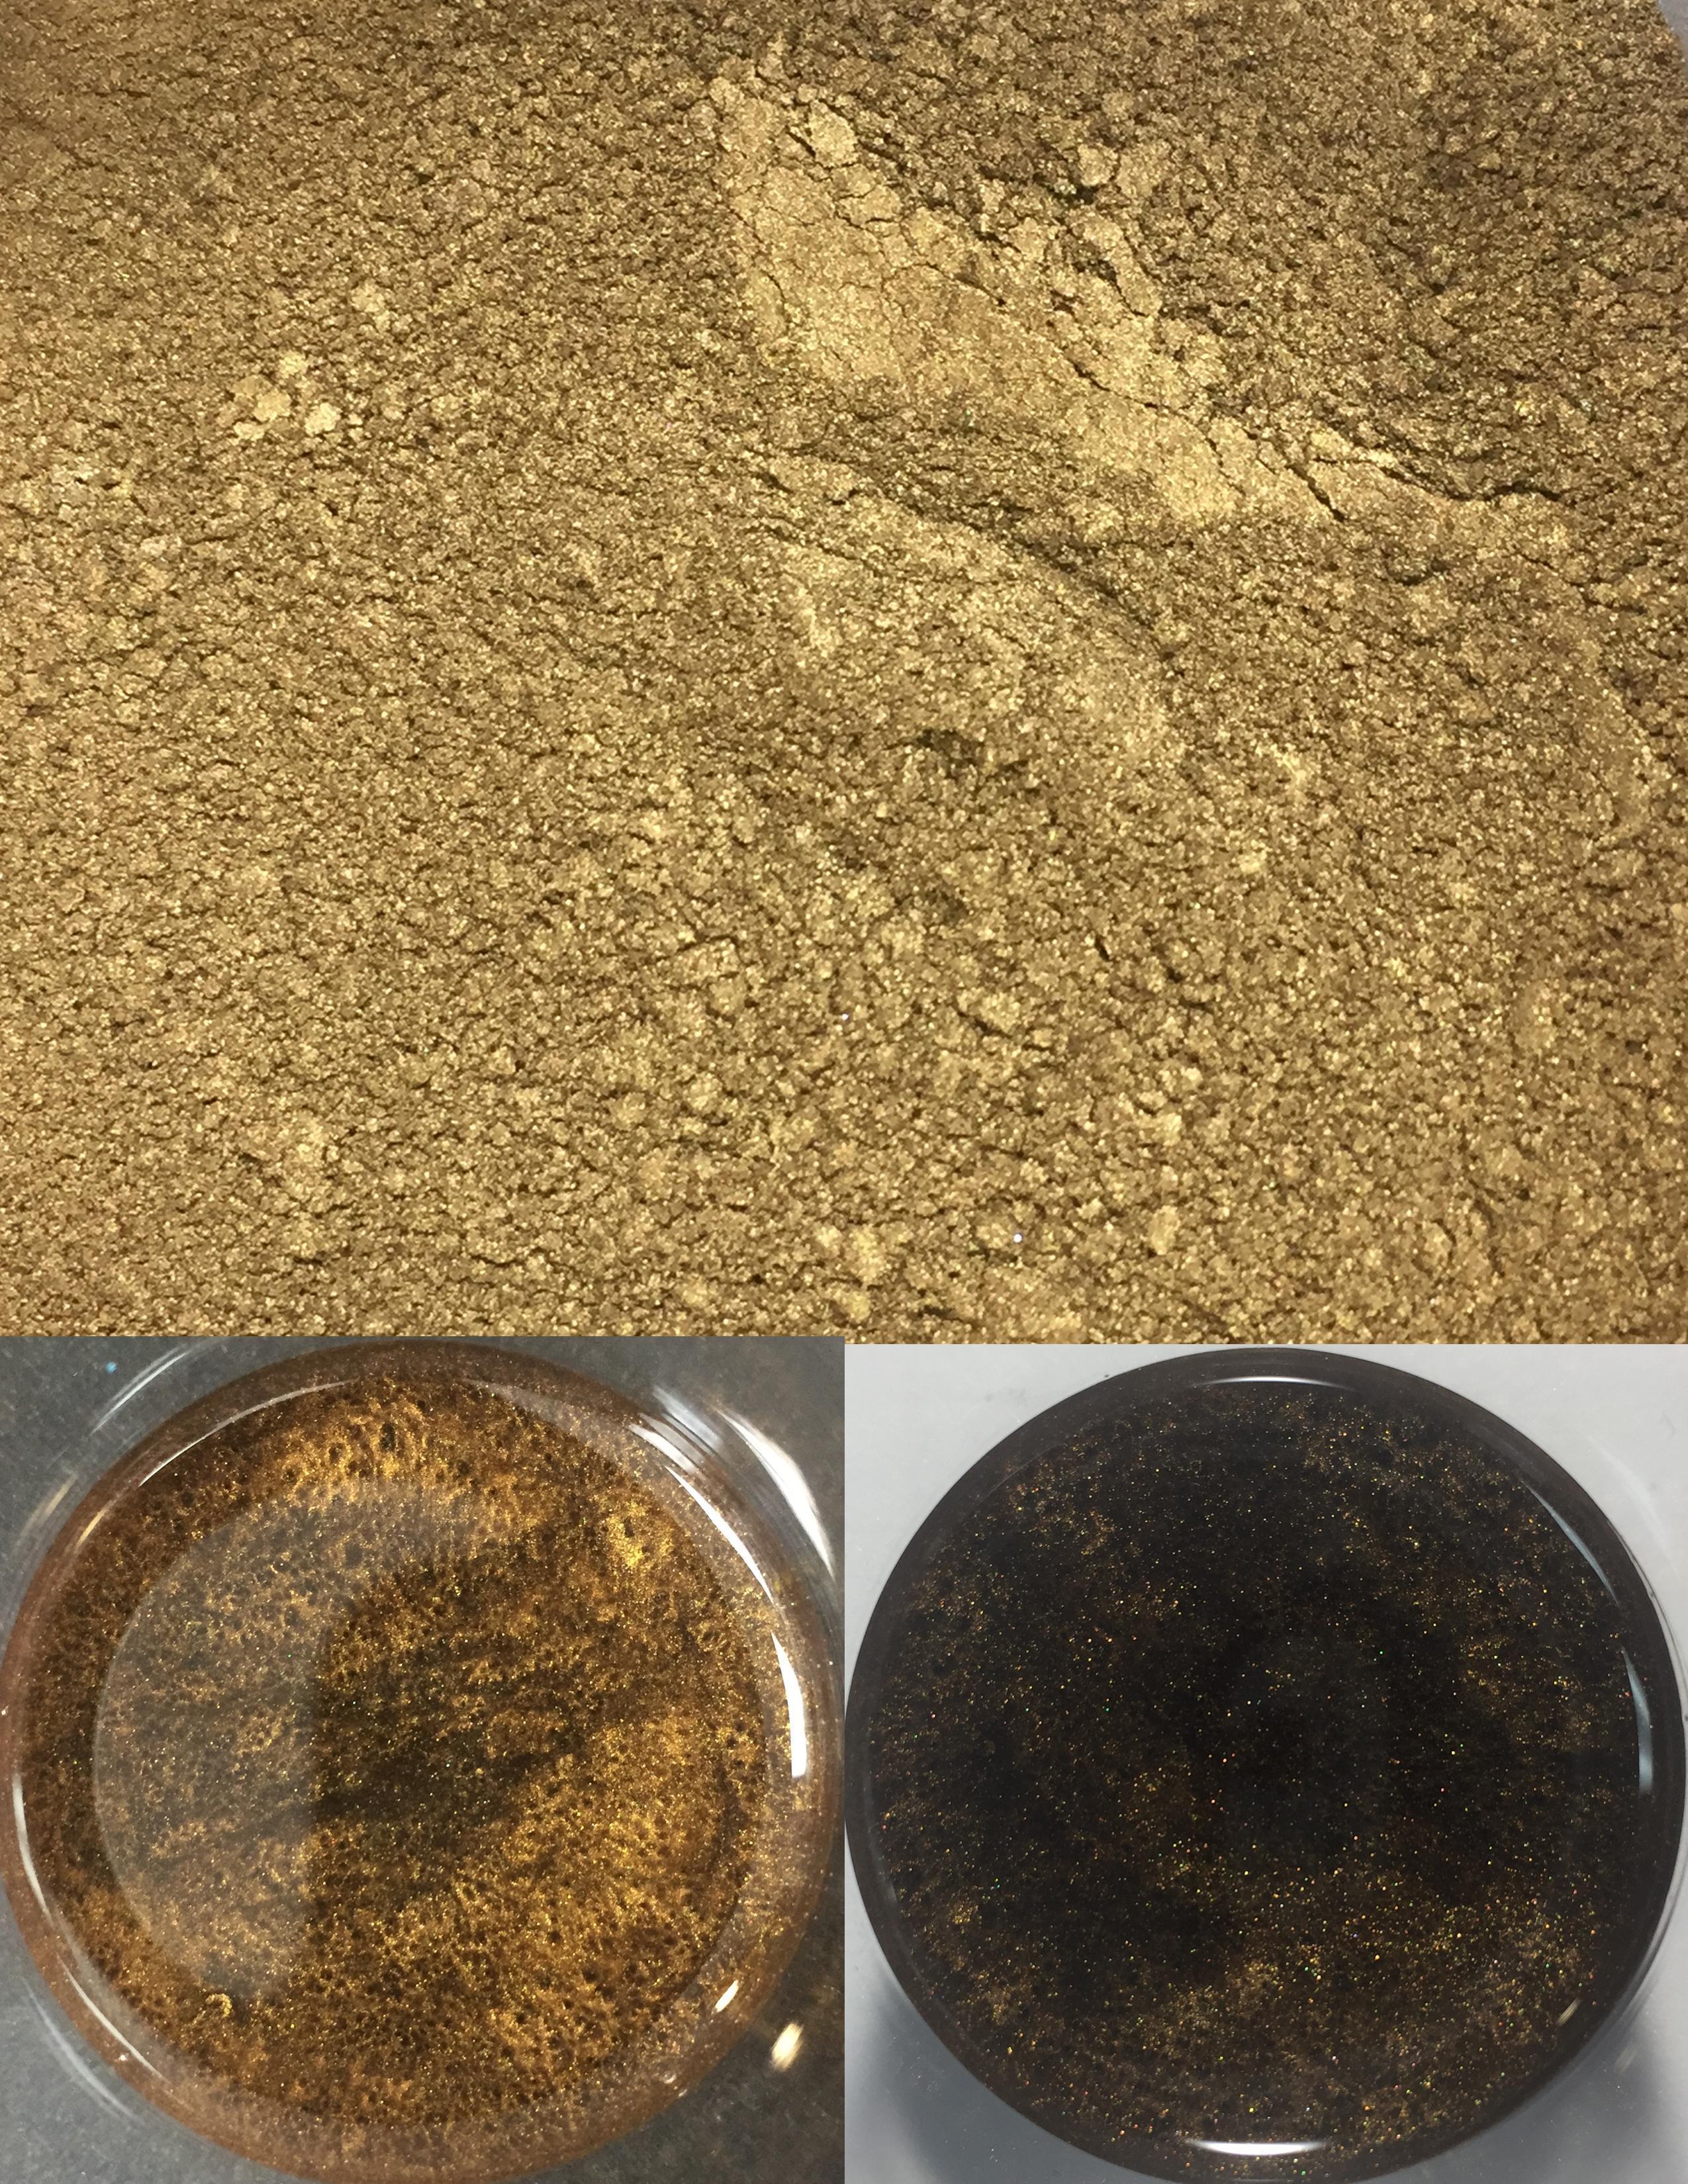 metallic pigments espresso/pigments métalliques expresso 00030